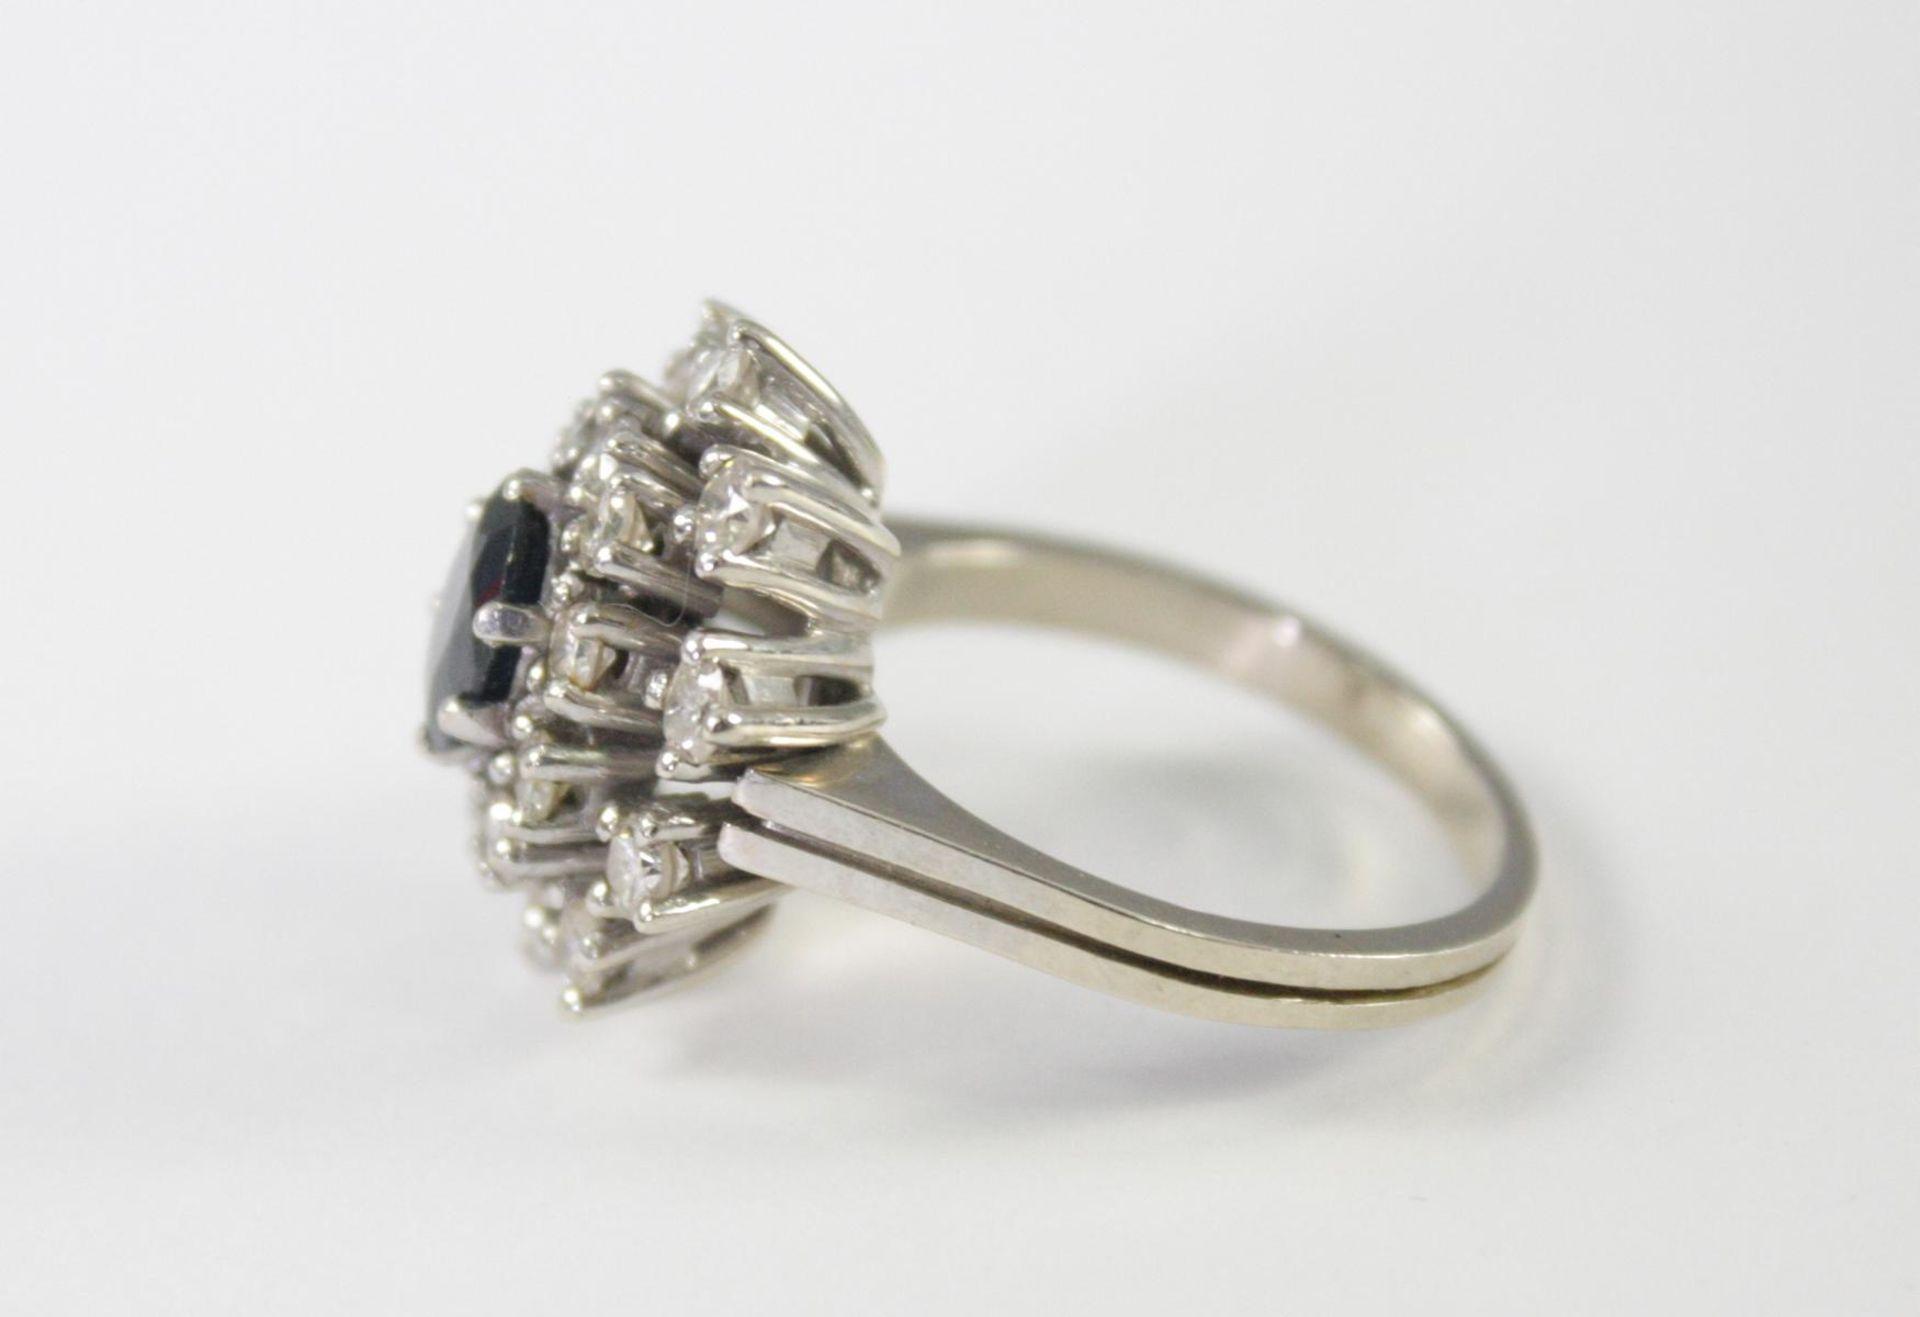 Damenring mit Diamanten und Saphir, 14 Karat Weißgold - Bild 4 aus 4